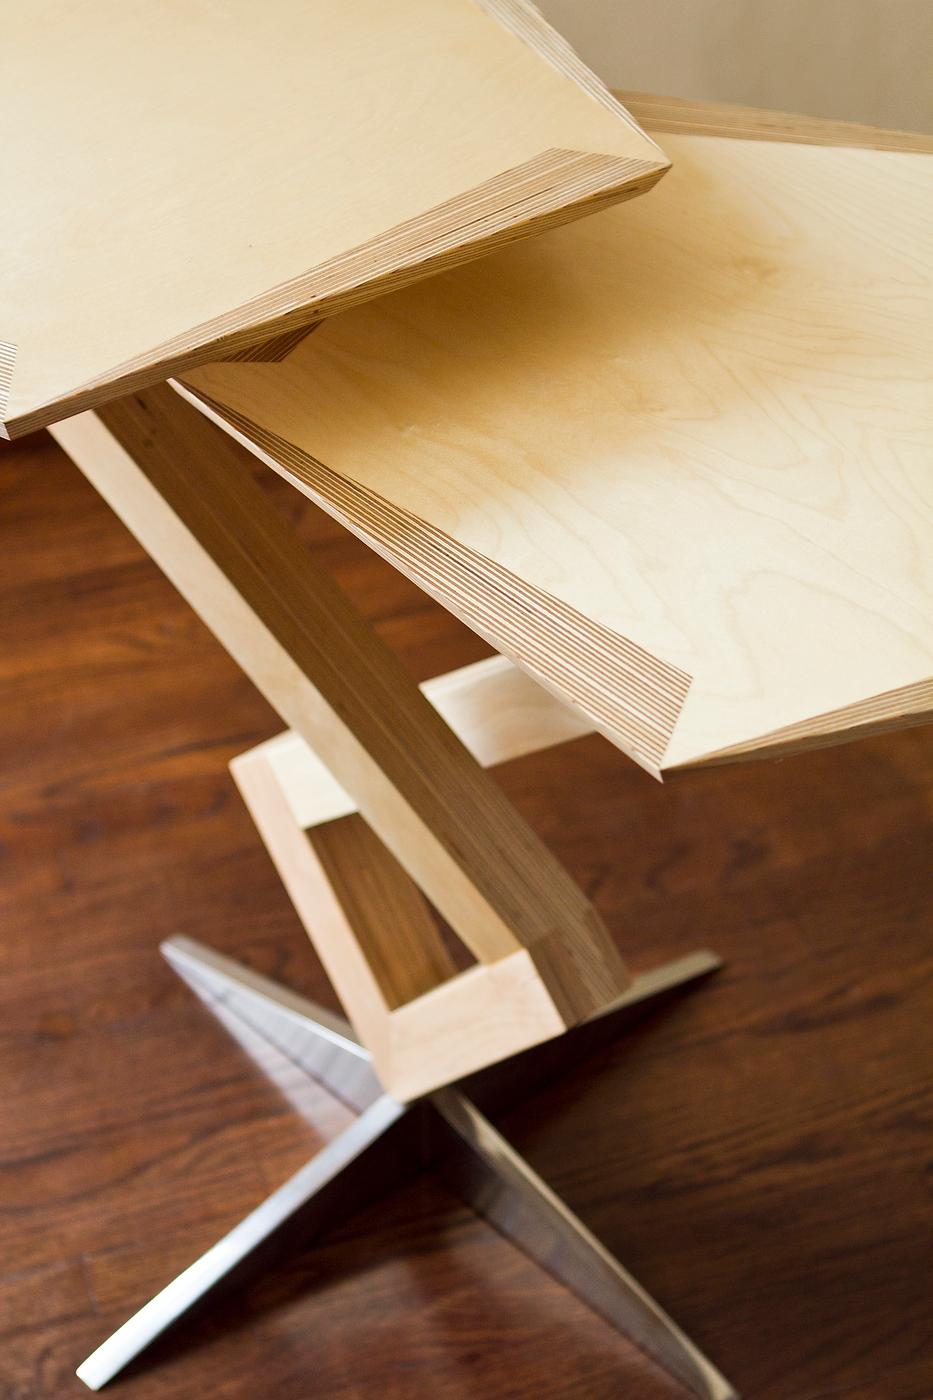 furniture-chair-table-04.jpg